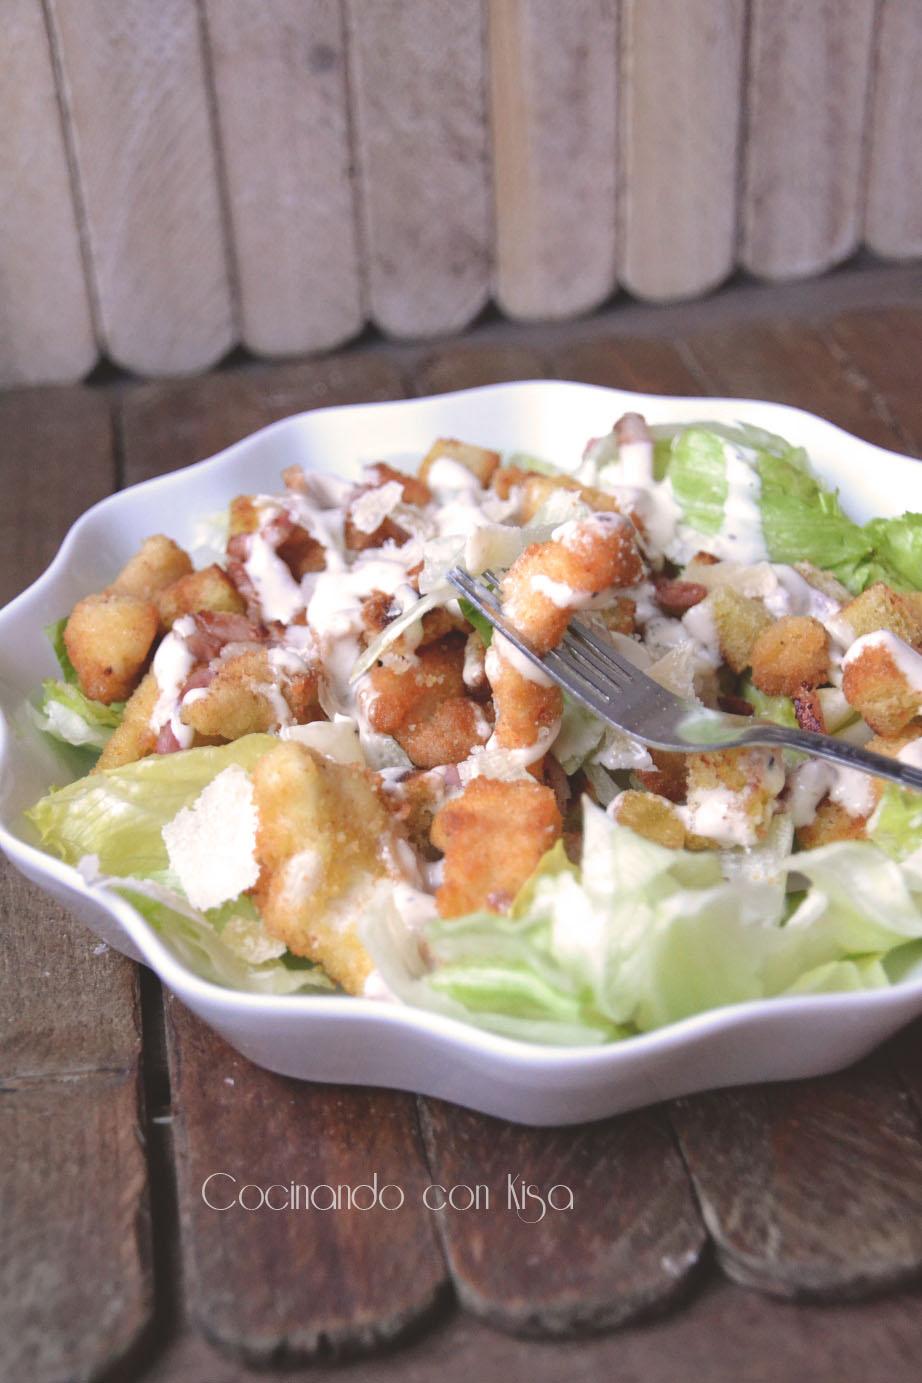 Cocinando con kisa ensalada cesar thermomix for Cocinando con kisa